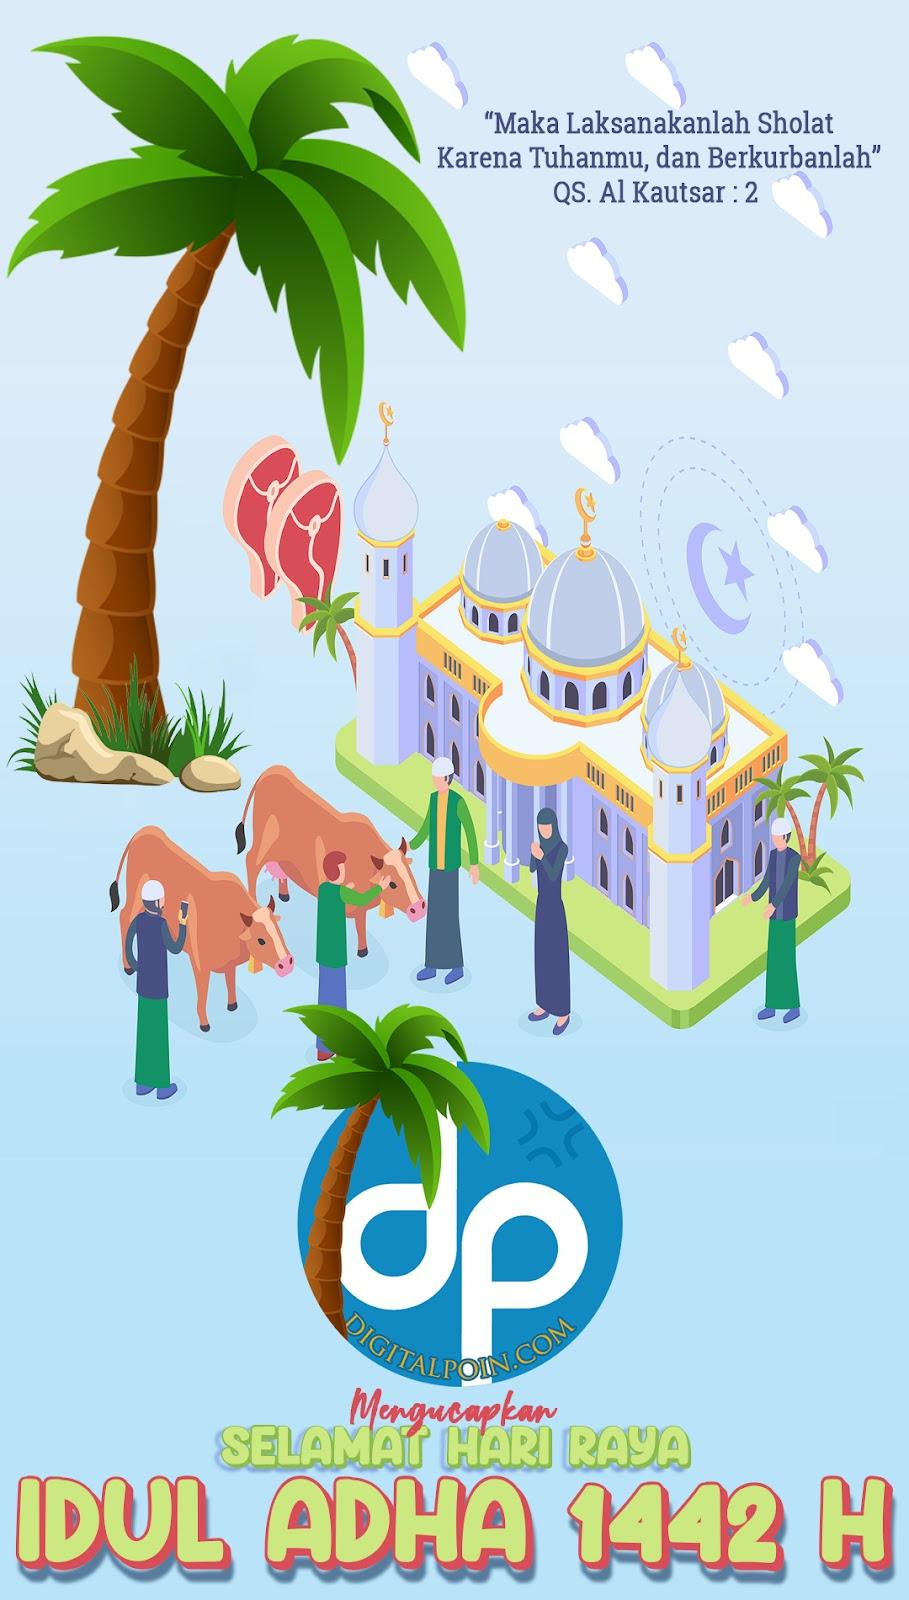 Selamat Hari Raya Idul Adha 1442 Hijriyah